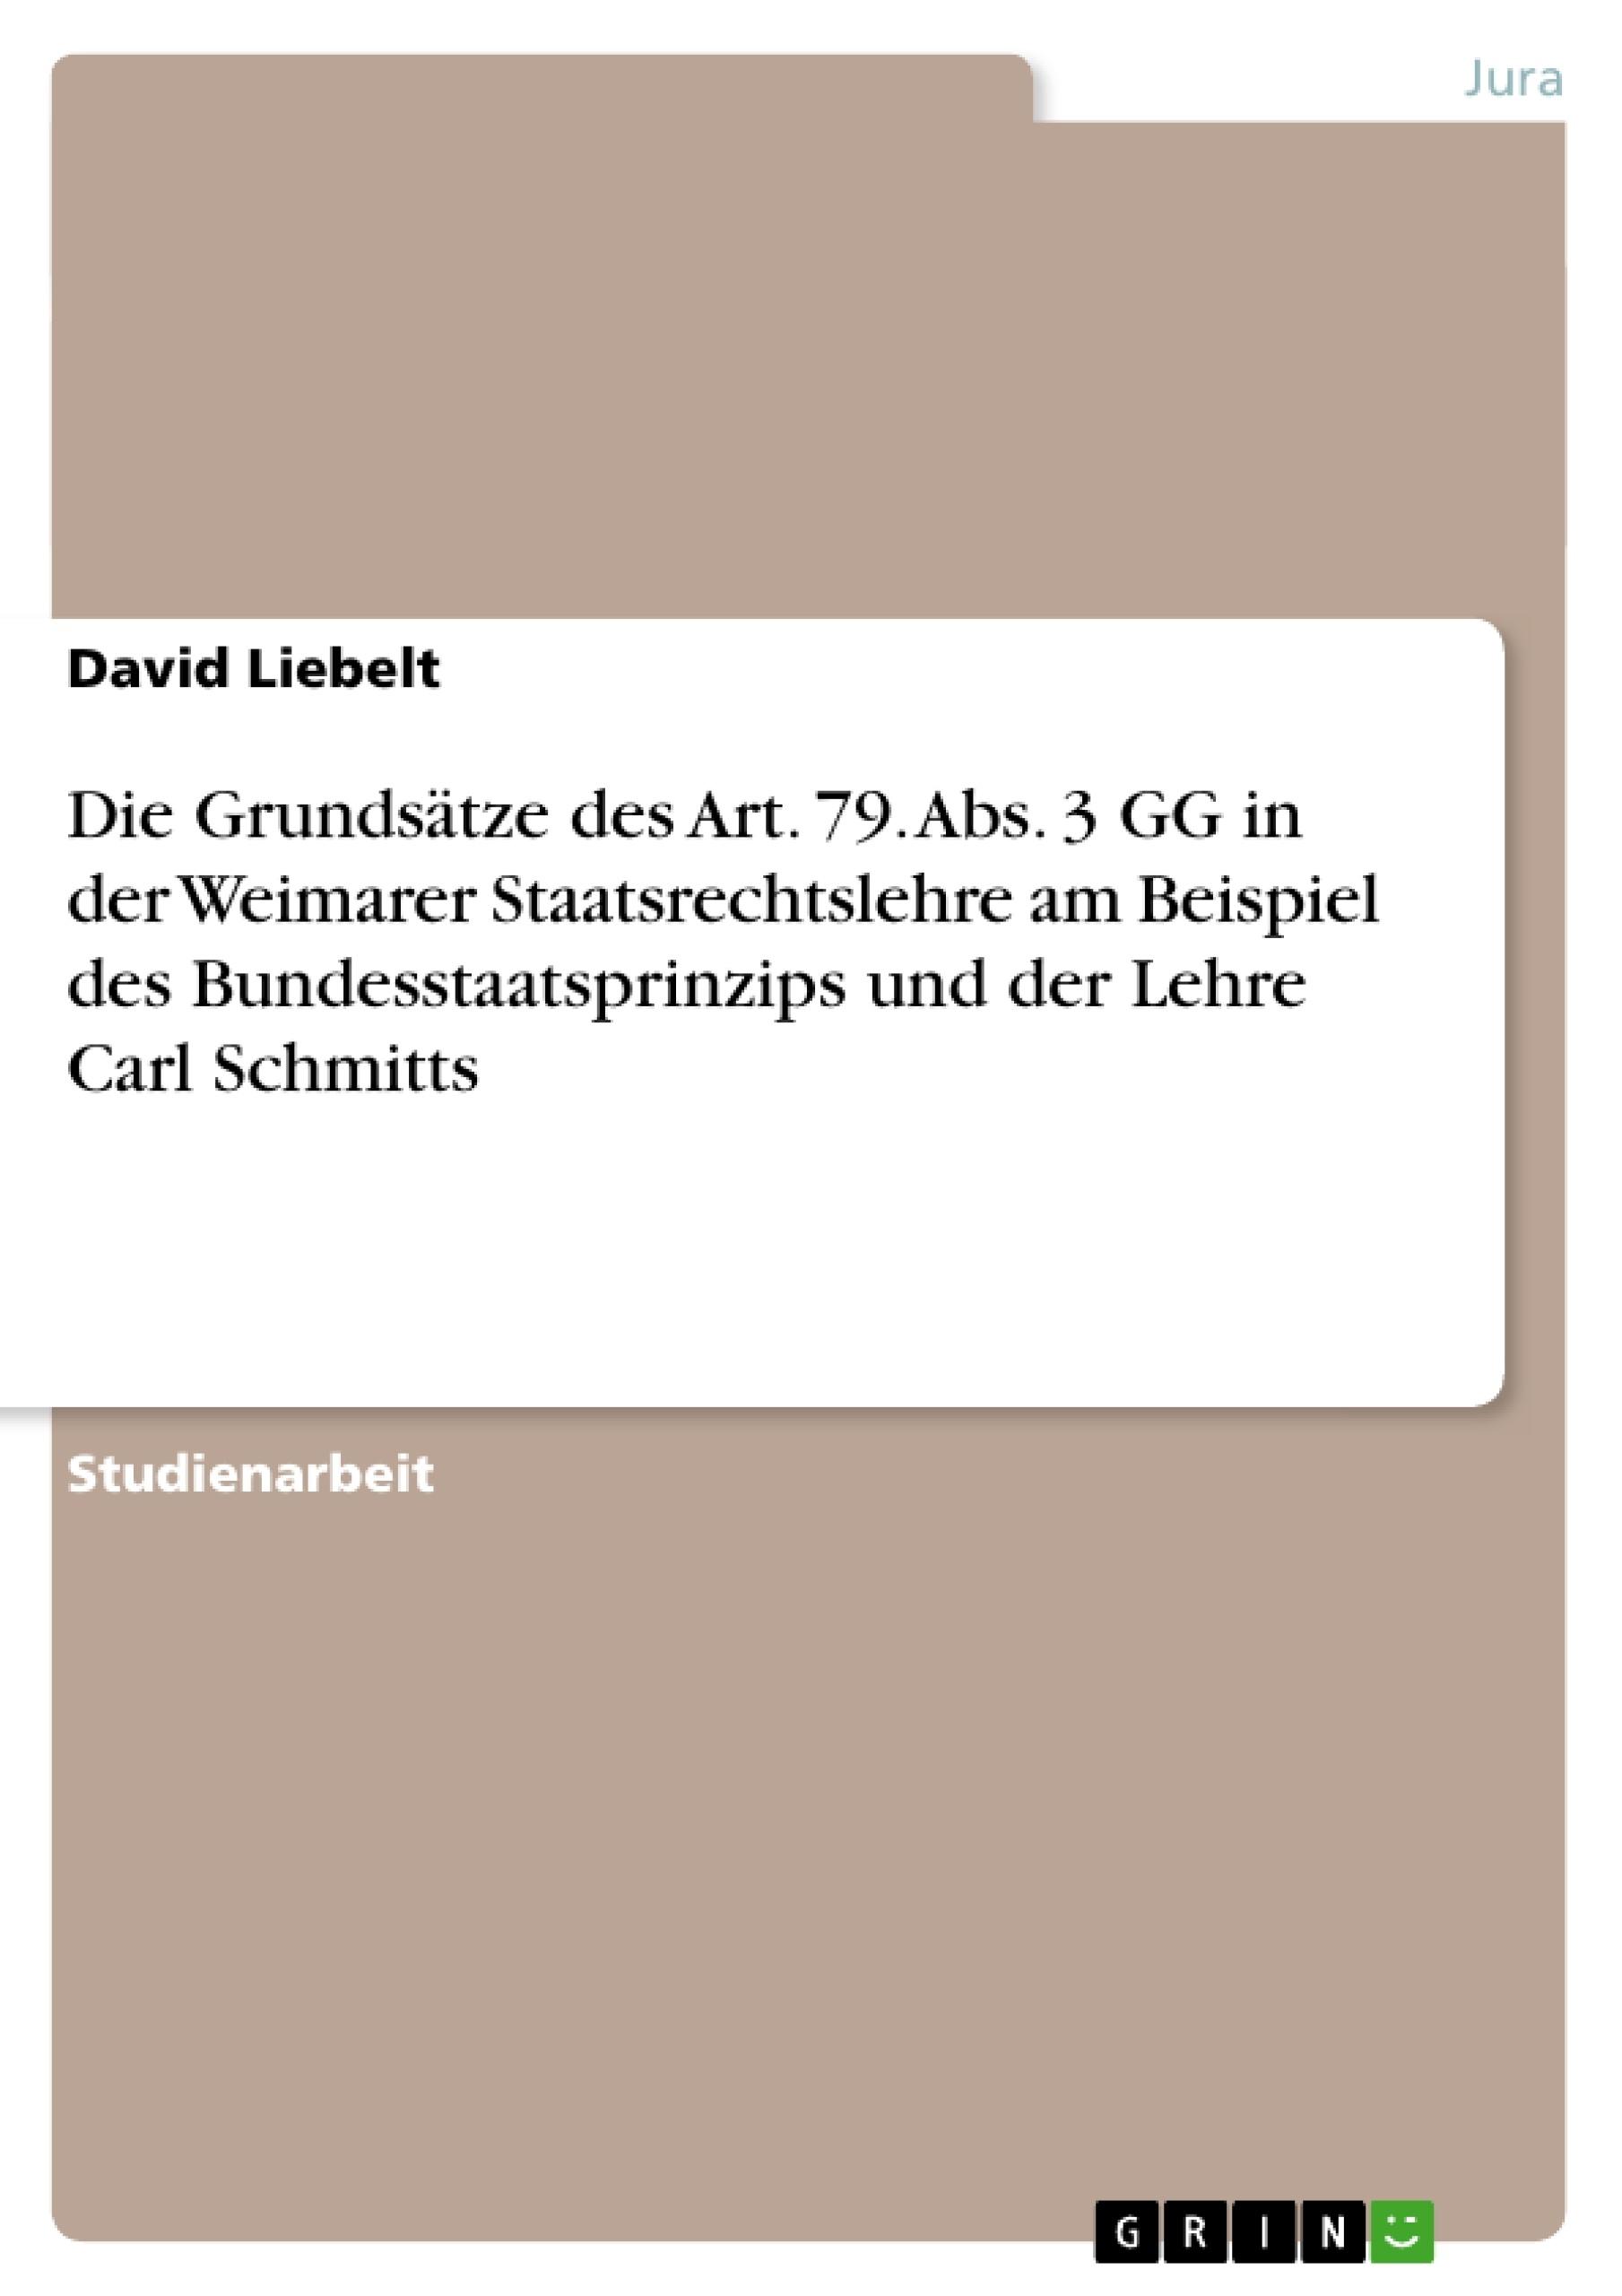 Titel: Die Grundsätze des Art. 79. Abs. 3 GG in der Weimarer Staatsrechtslehre am Beispiel des Bundesstaatsprinzips und der Lehre Carl Schmitts